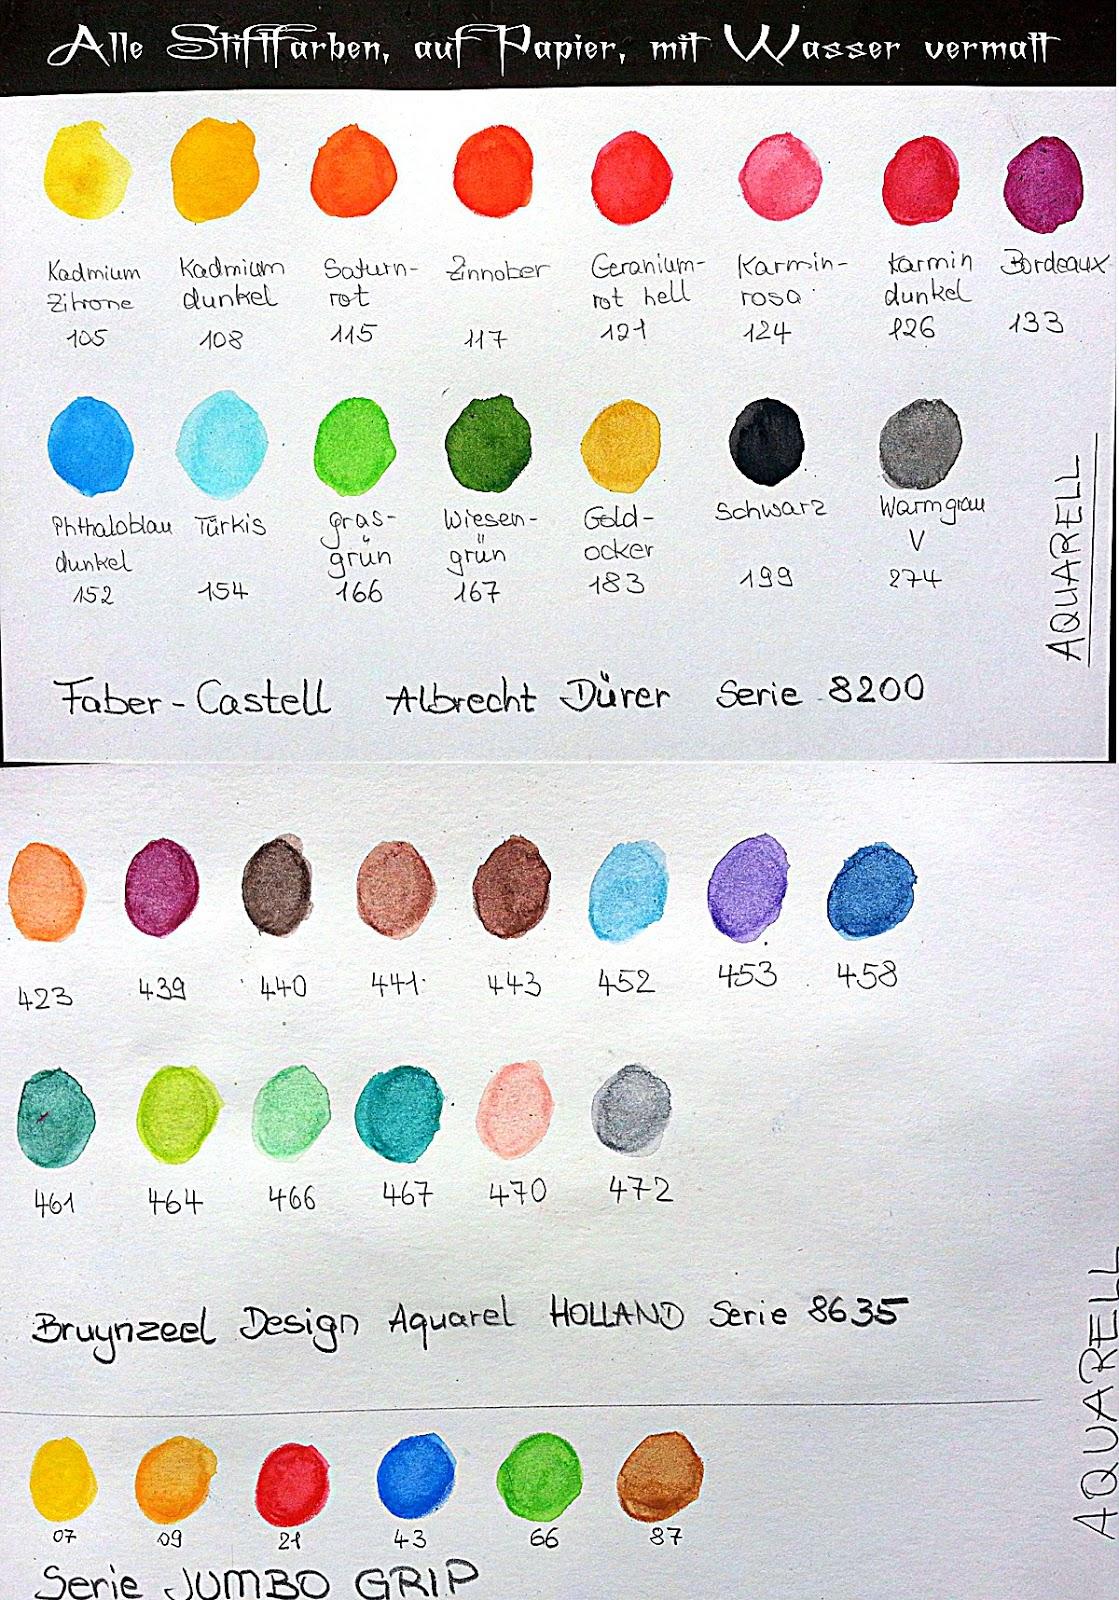 ull-rikes art-reich: bun, bunt, bunt sind alle meine farben